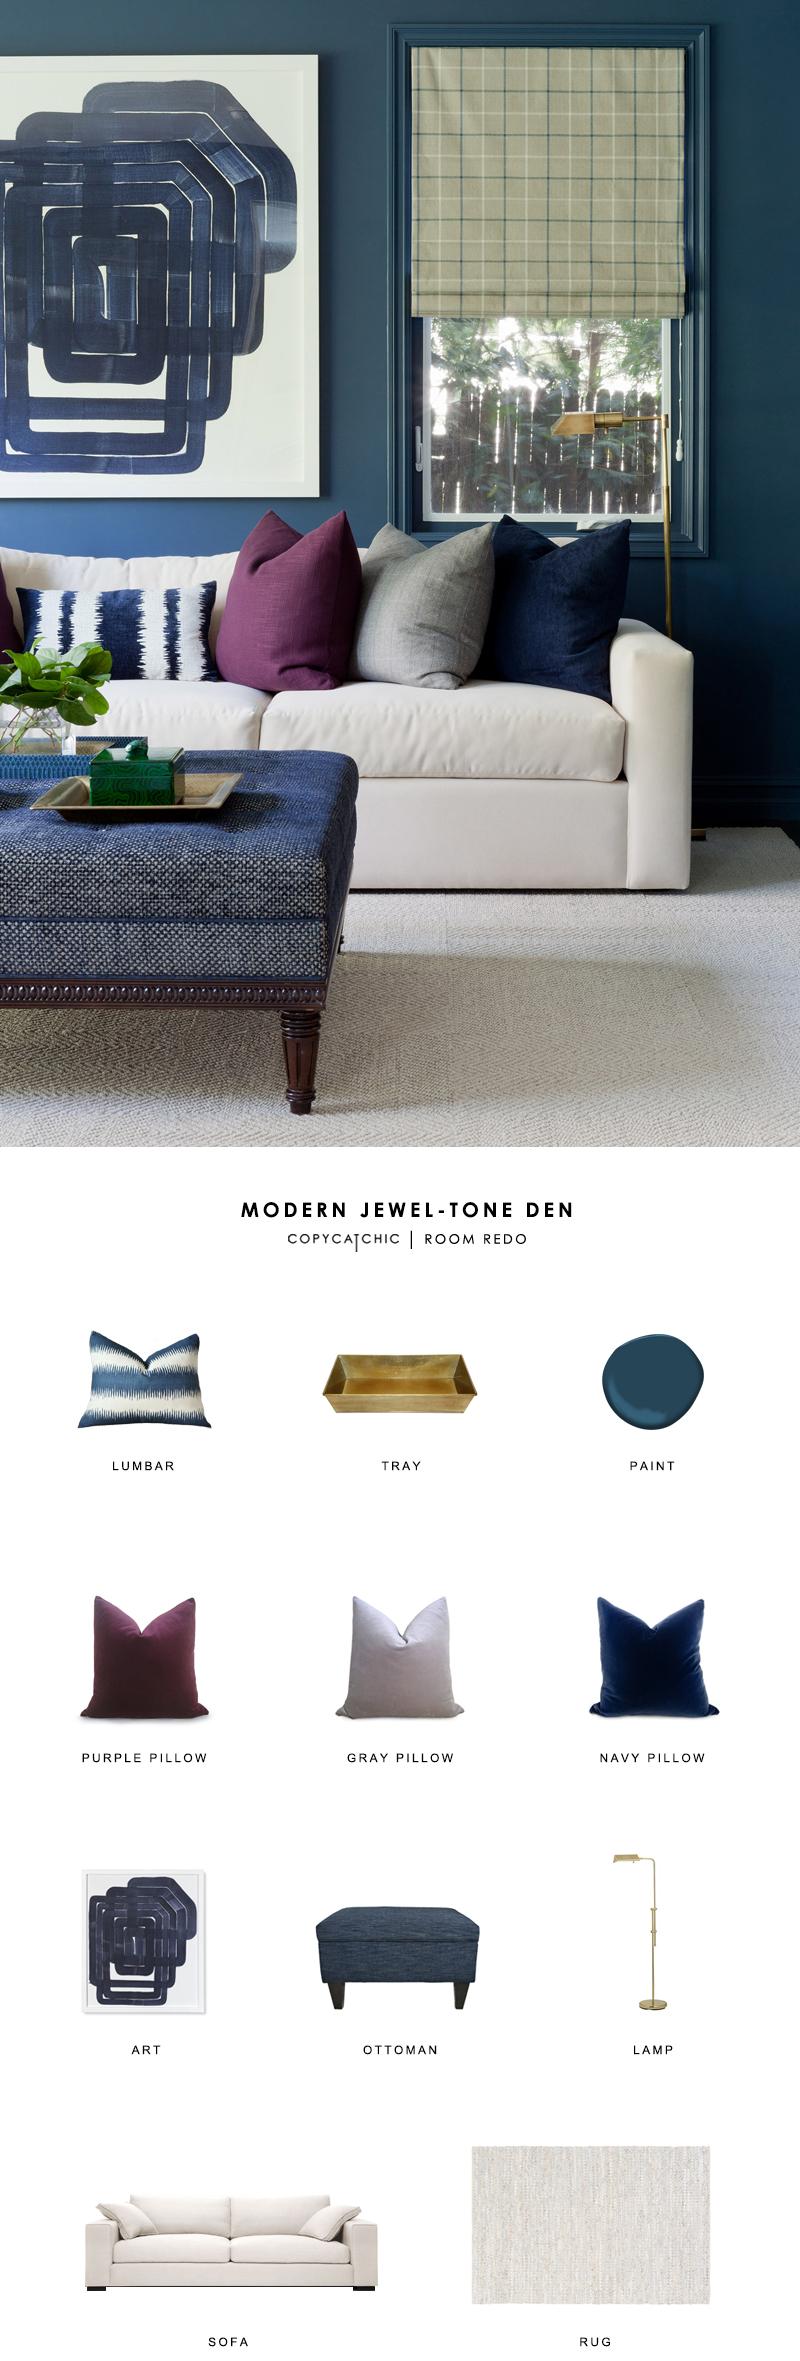 Copy Cat Chic Room Redo Modern Jewel Tone Den Copycatchic